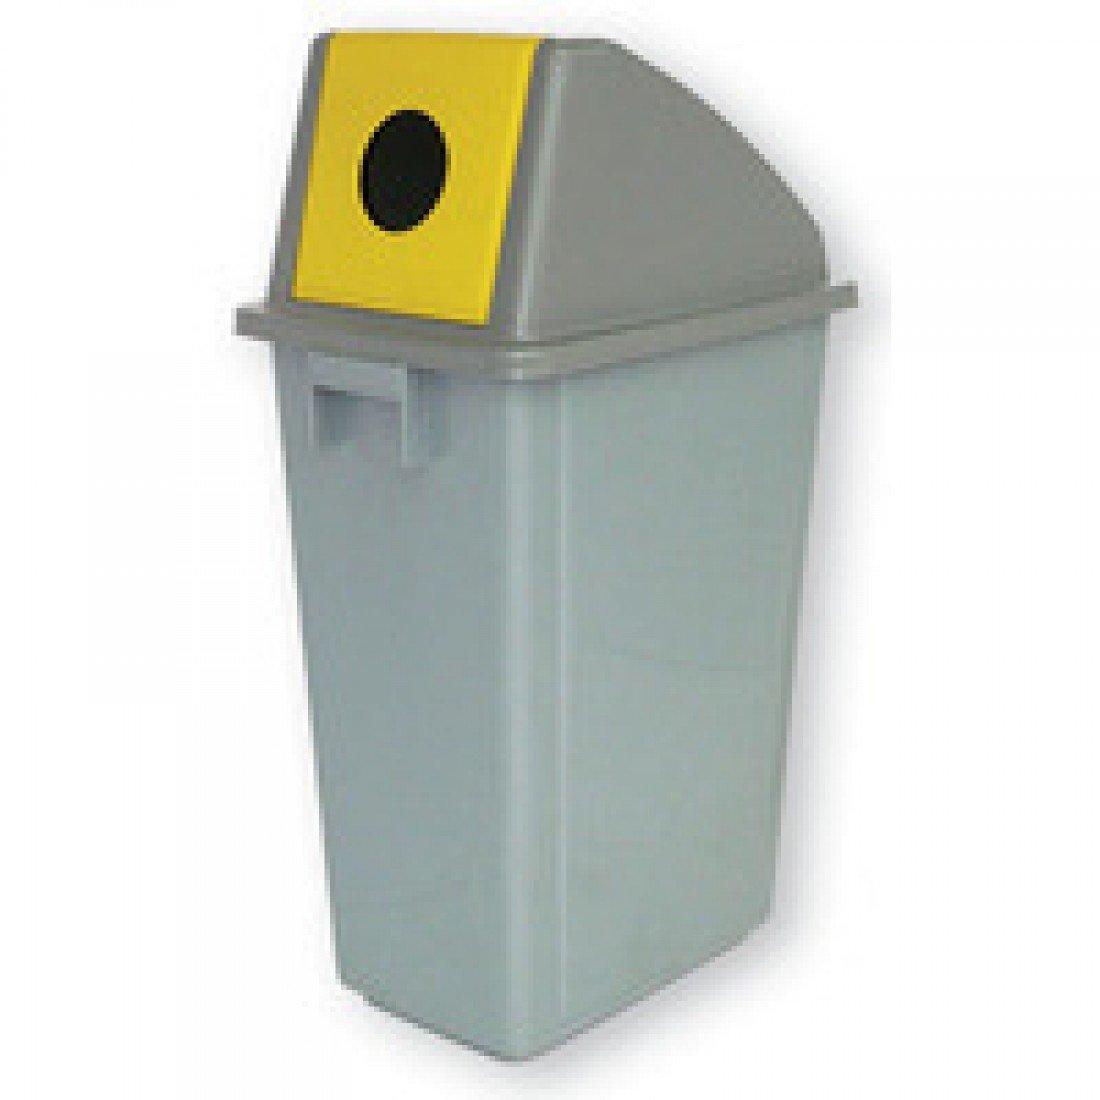 FSMISC FD 383014 (58 - Cubo de basura (58 383014 L) 8f5b44